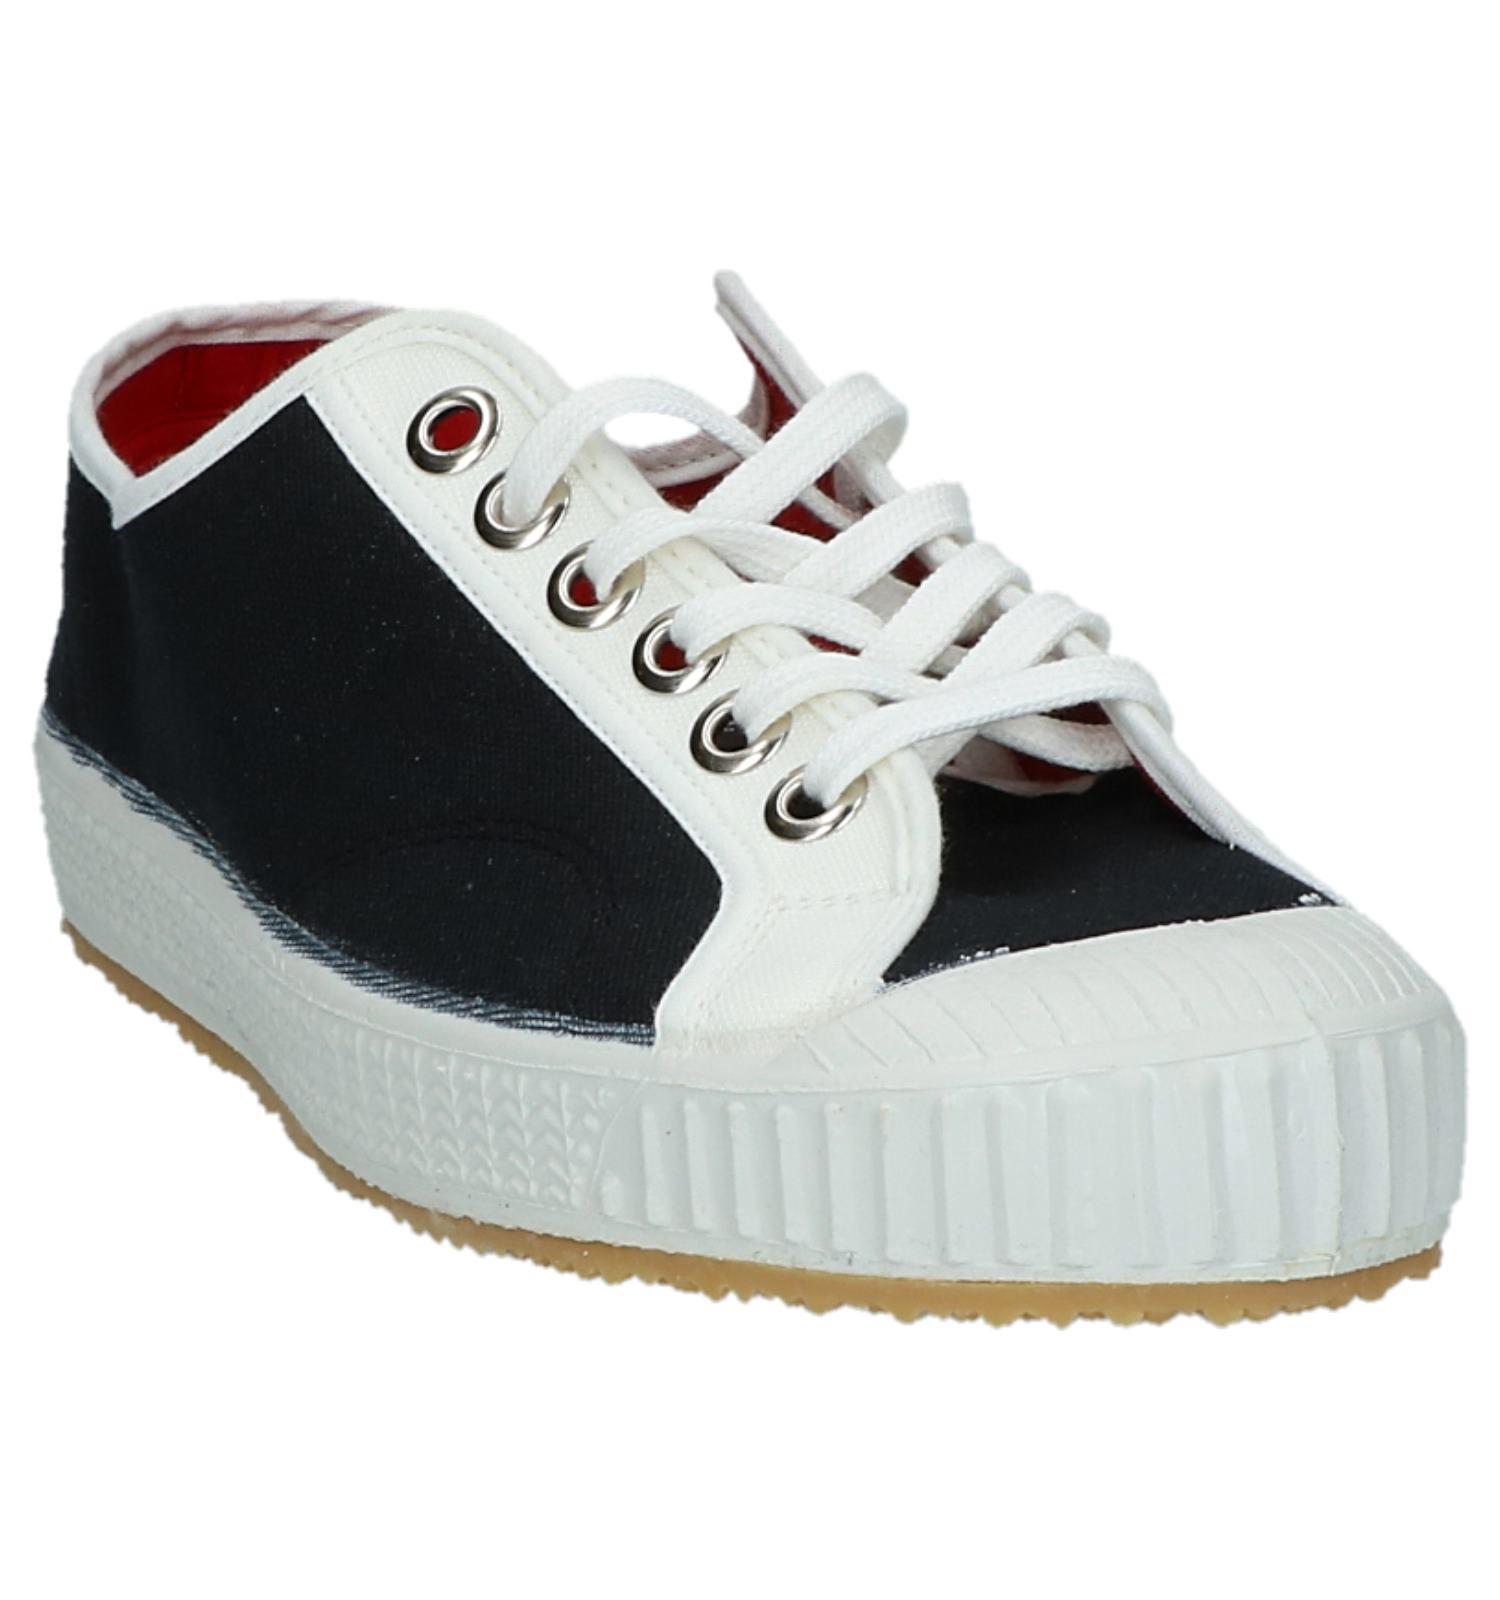 Lenin Zwarte Zwarte Zwarte Komrads Lage Lenin Lage Sneakers Sneakers Lage Komrads Komrads shtrQd